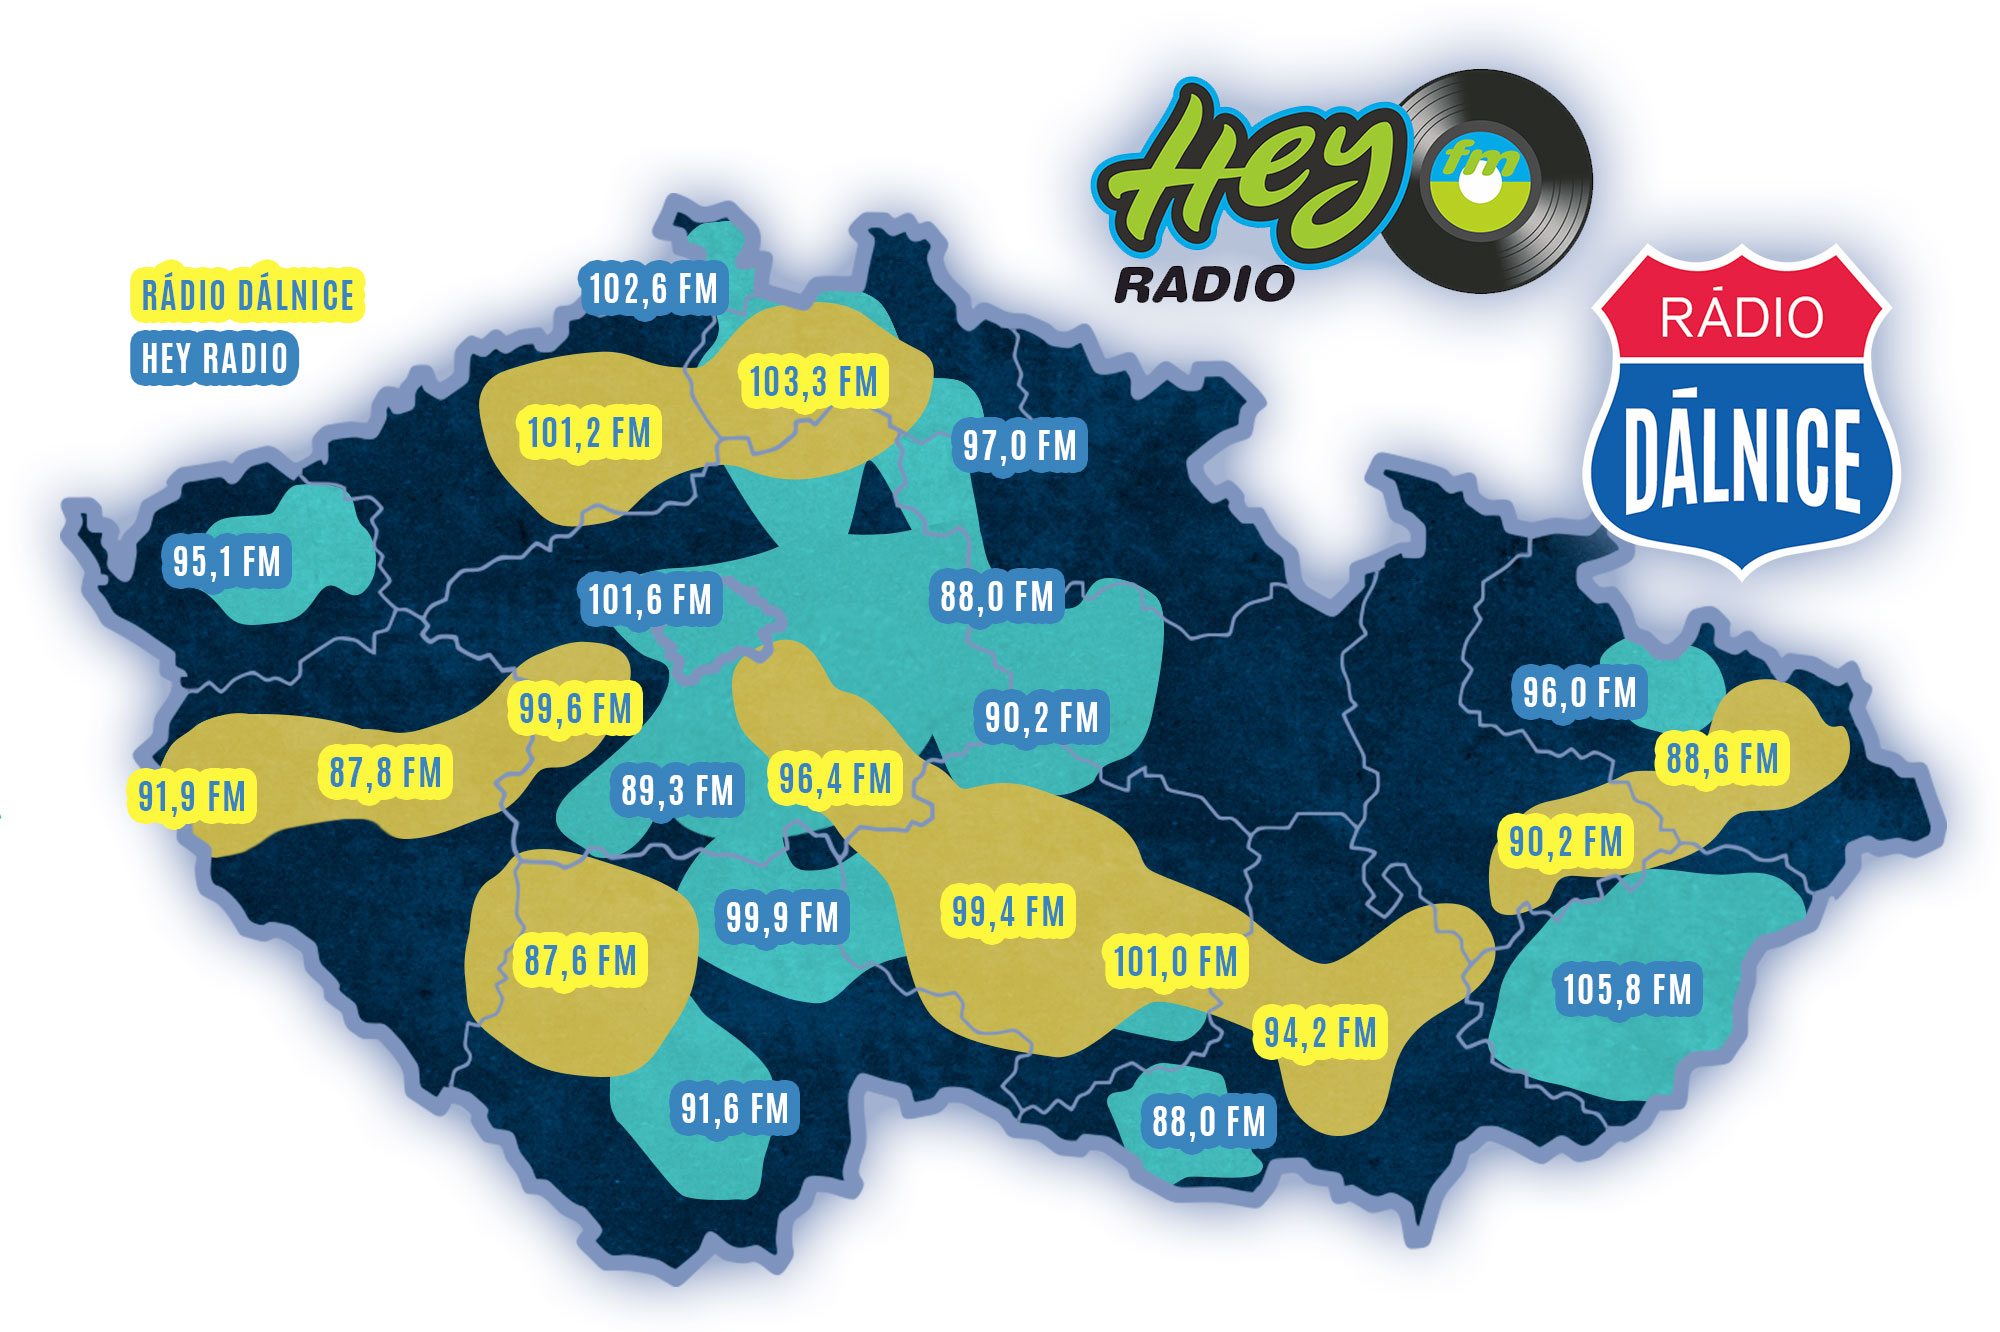 Rádio Dálnice, Hey Radio pokrytí